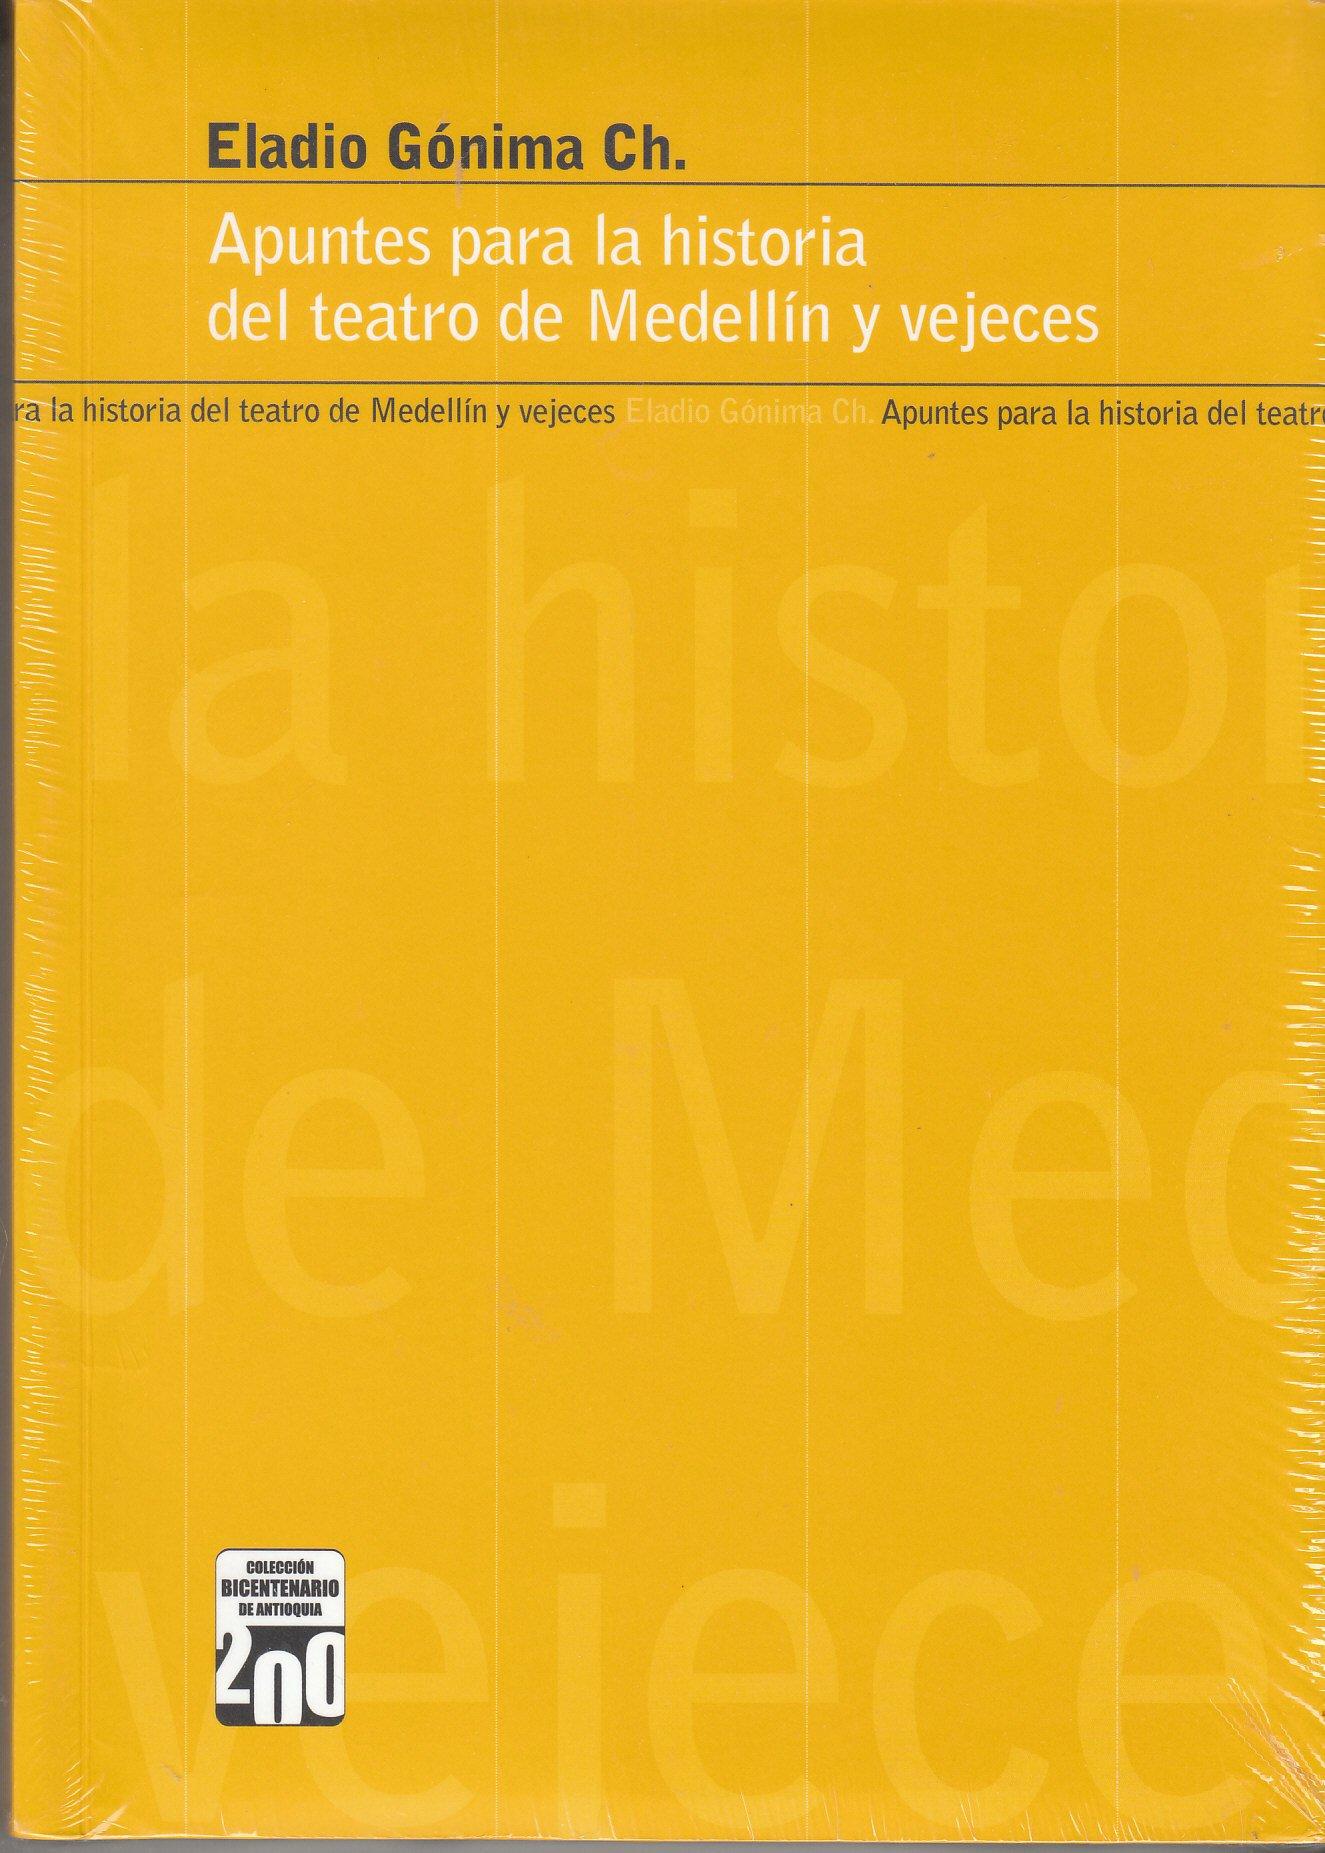 Apuntes para la historia del teatro de Medellín y vejeces ...